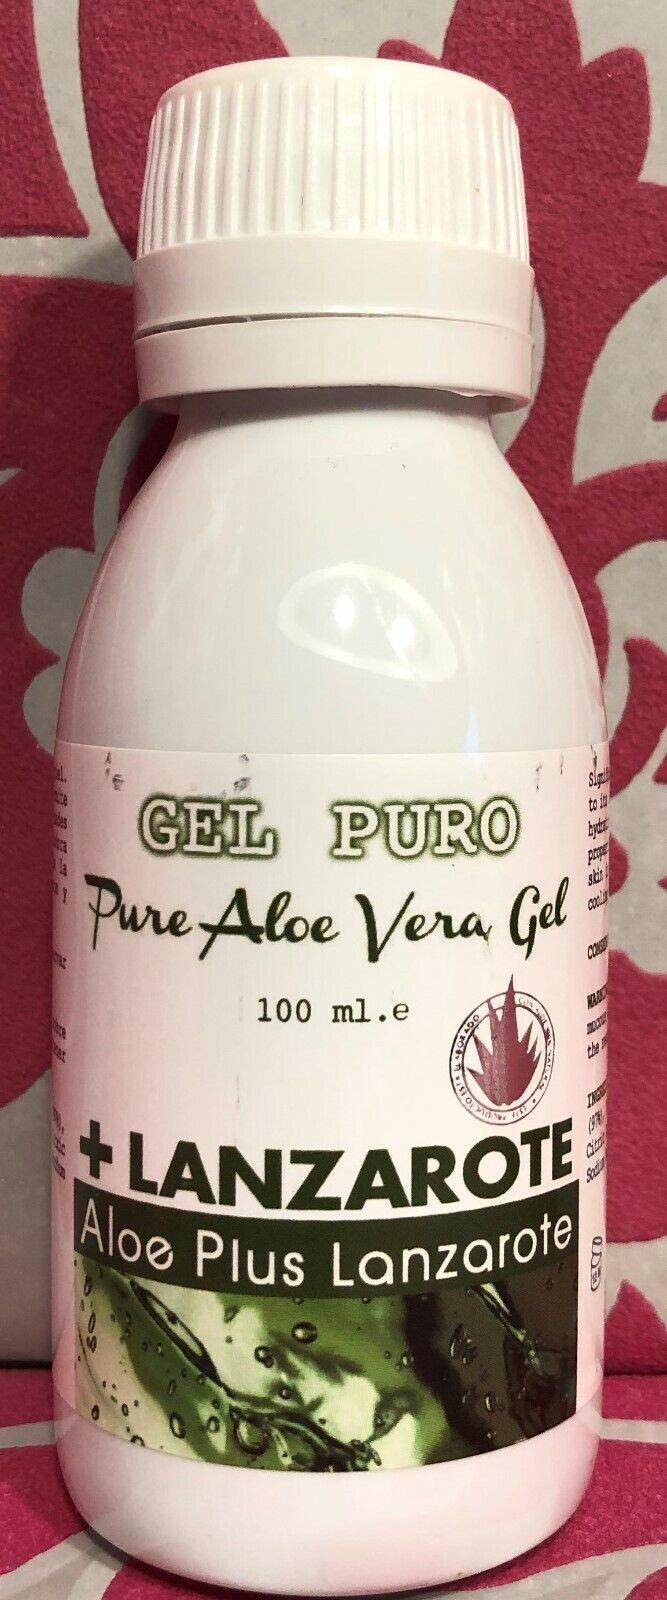 Reines Aloe Vera Gel von Aloe Plus Lanzarote, 100 ml Flasche